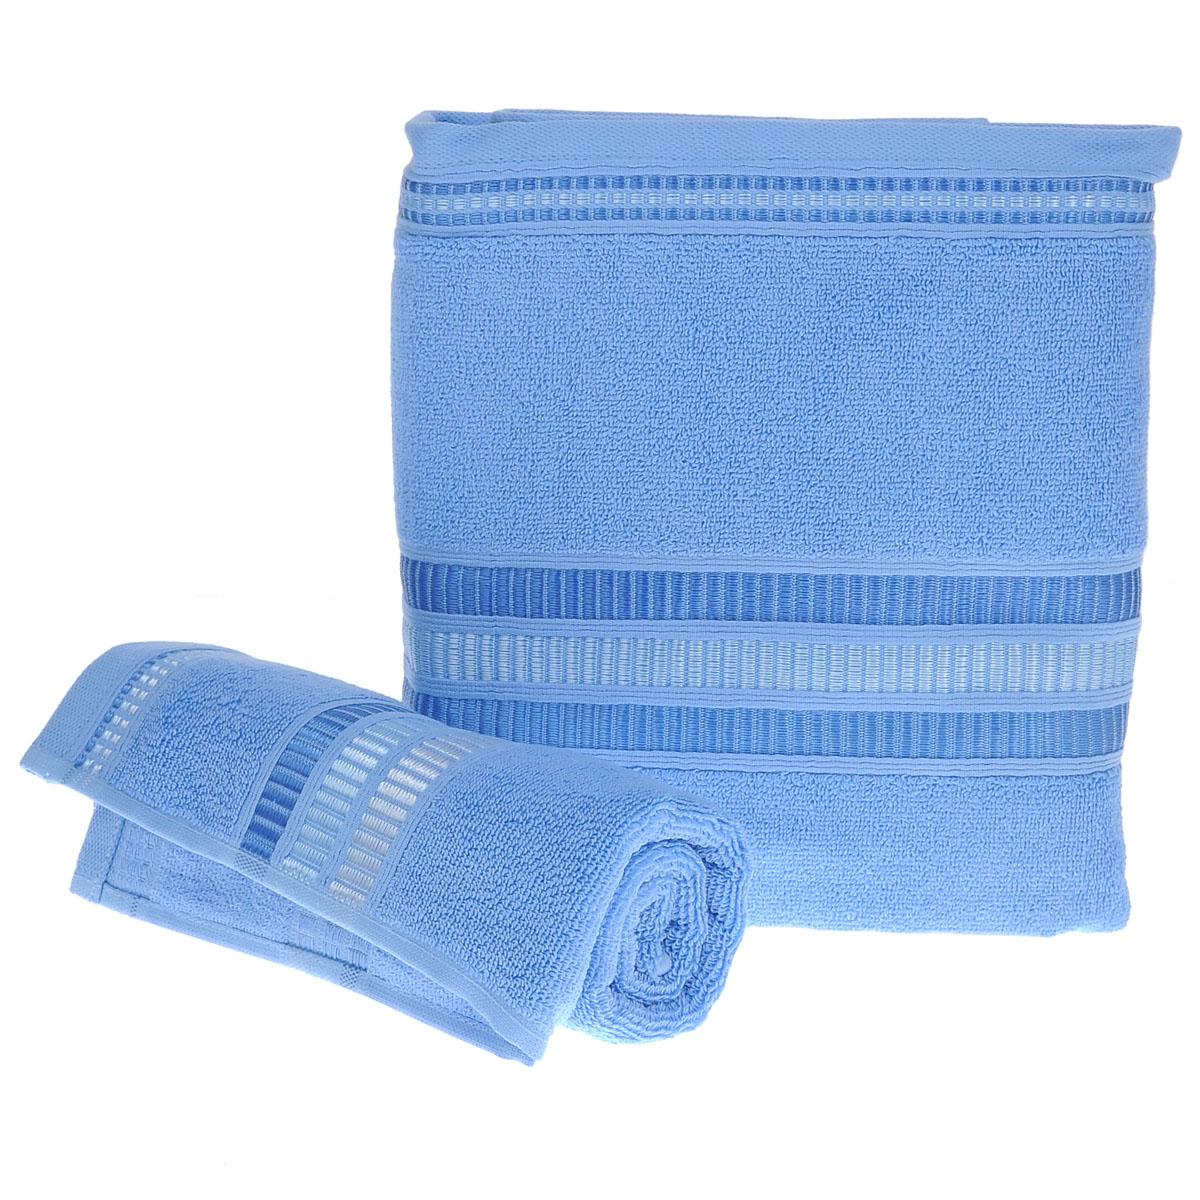 Набор махровых полотенец Coronet Пиано, цвет: синий, 2 шт. Б-МП-2020-15-07-сБ-МП-2020-15-07-сПодарочный набор Coronet Пиано состоит из двух полотенец разного размера, выполненных из натуральной махровой ткани. Полотенца украшены изящным декоративным тиснением. Мягкие и уютные, они прекрасно впитывают влагу и легко стираются. Такой набор подарит вам мягкость и необыкновенный комфорт в использовании. Благодаря высокому качеству изготовления, полотенце будет радовать многие годы. Комплектация: 2 шт. Плотность полотенец 550 г/м.